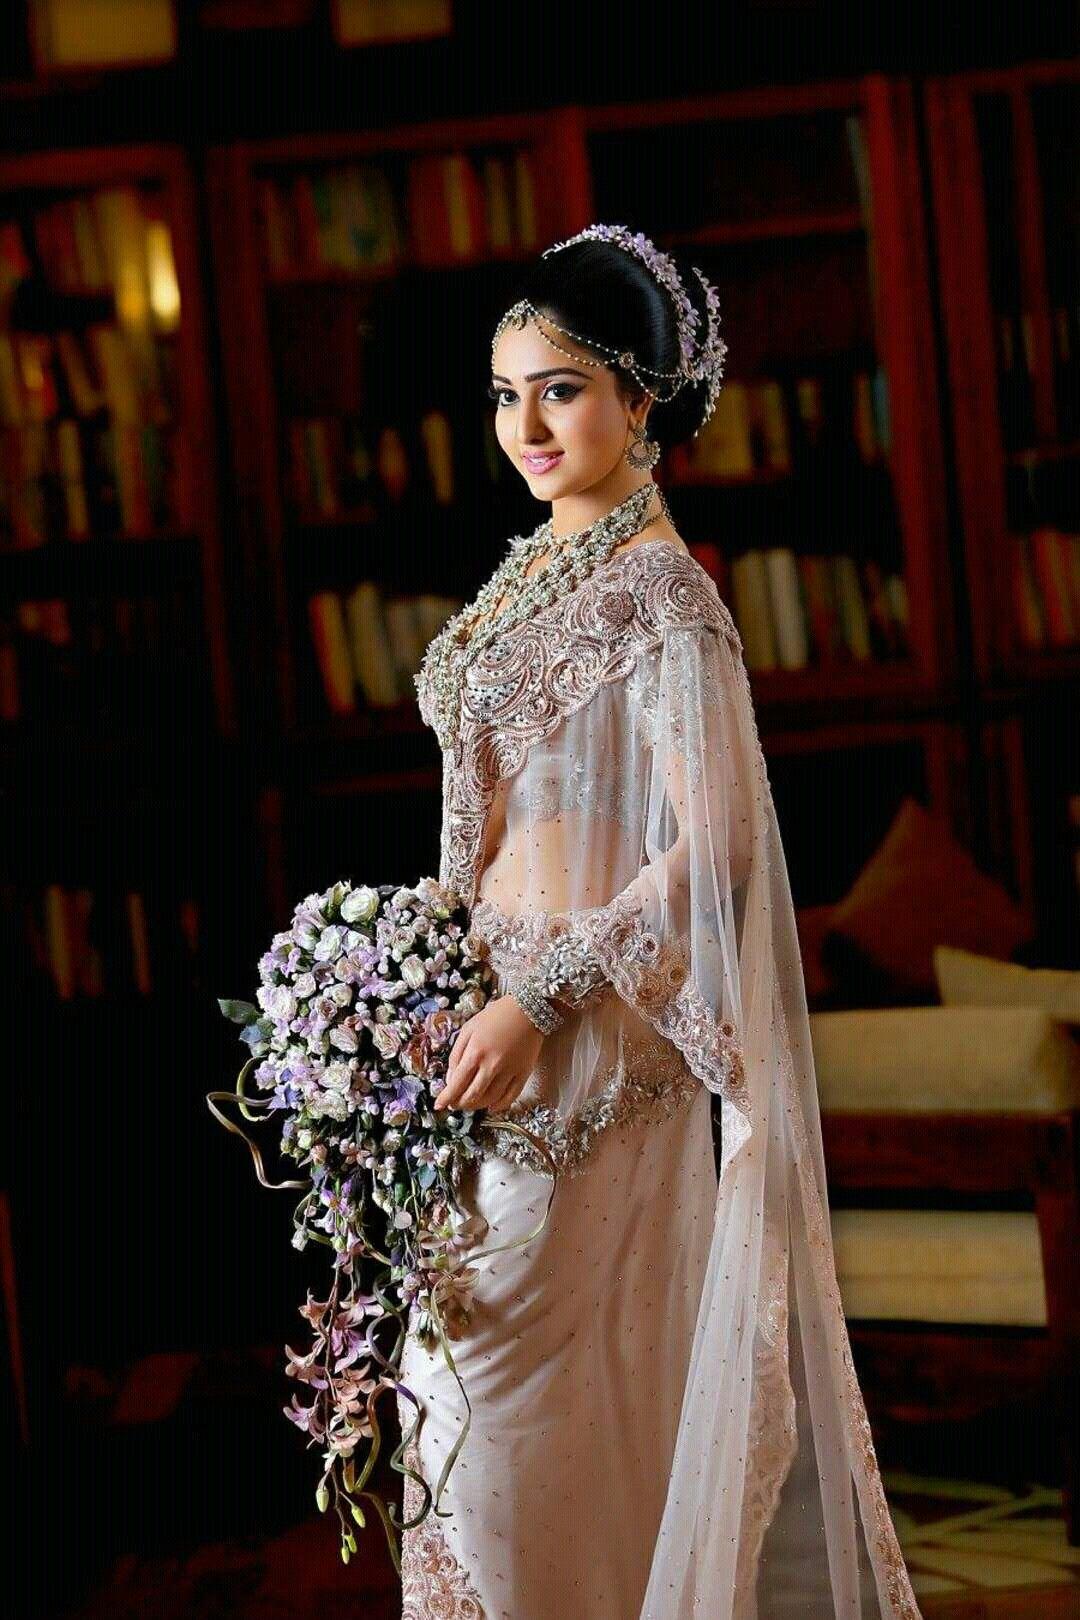 pin by hasangi randika on bridal design | saree wedding